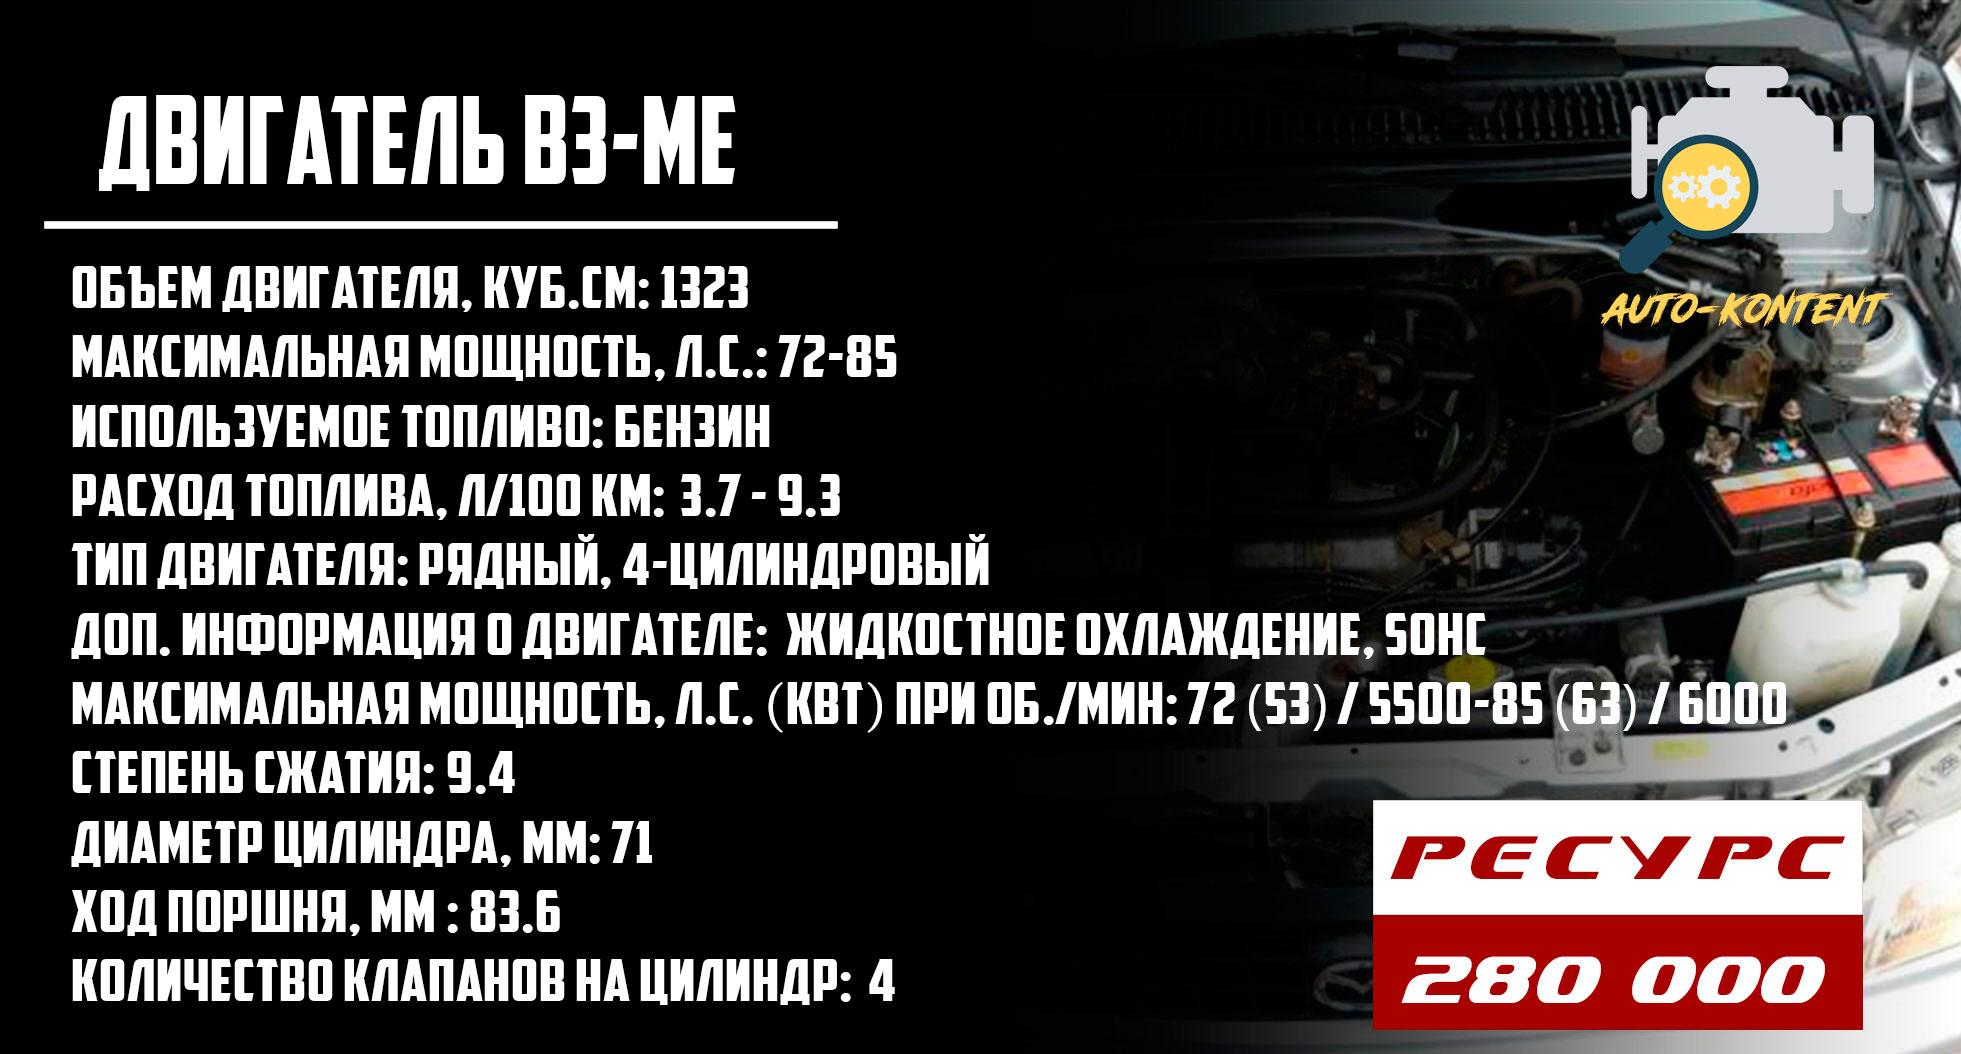 B3-ME